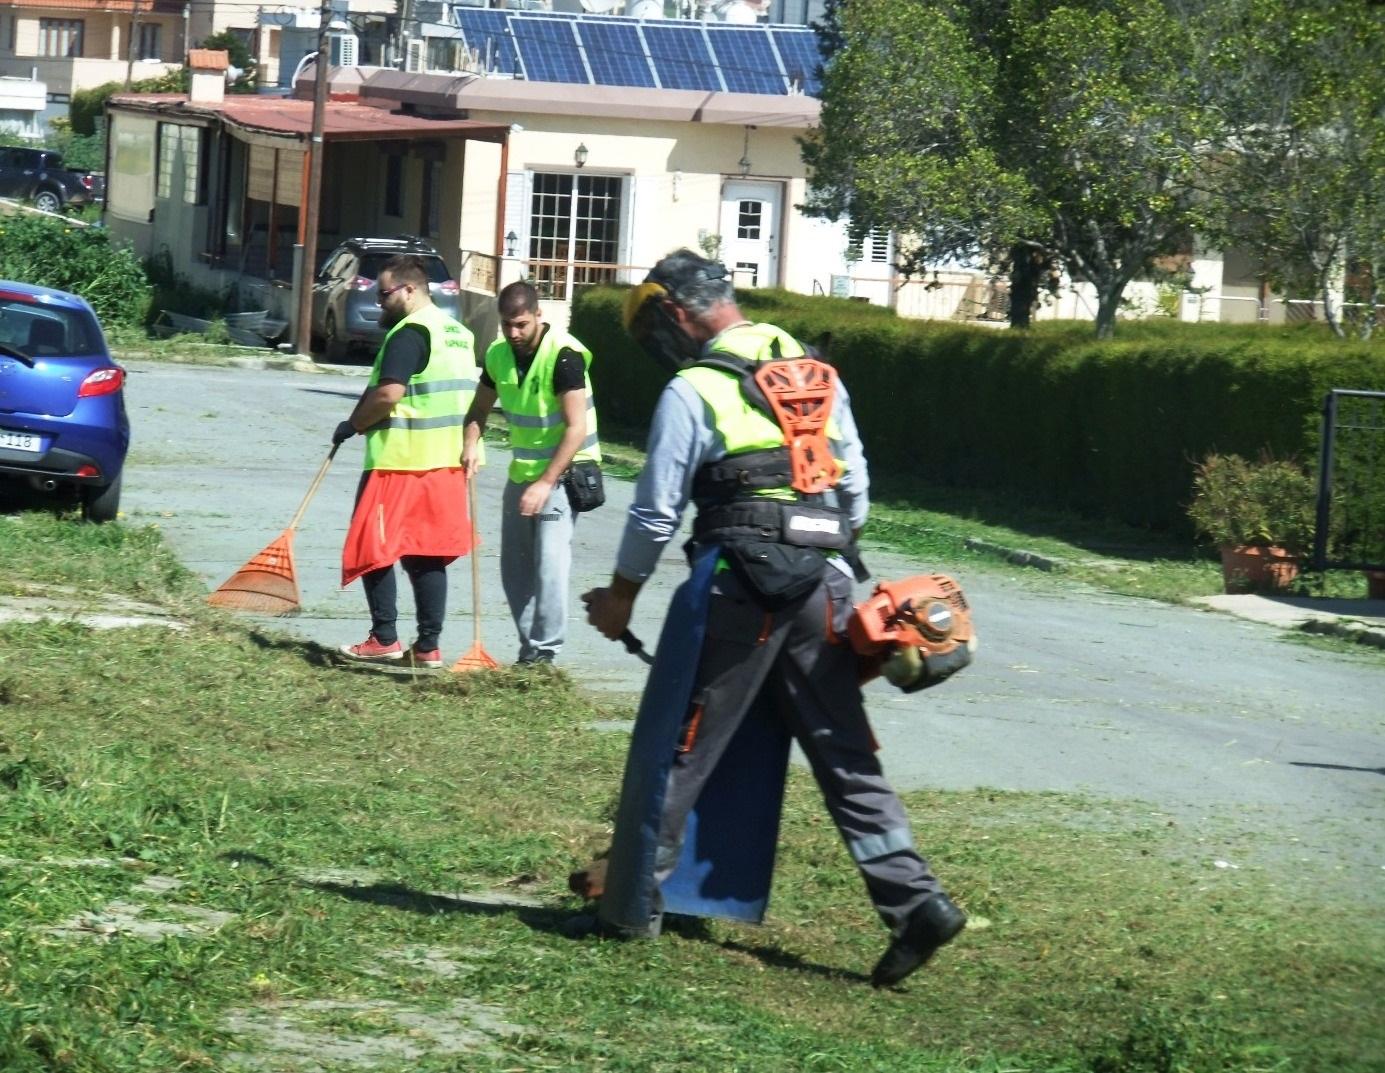 Η εβδομαδιαία ενημέρωση του Τμήματος Καθαριότητας του Δήμου Λάρνακας